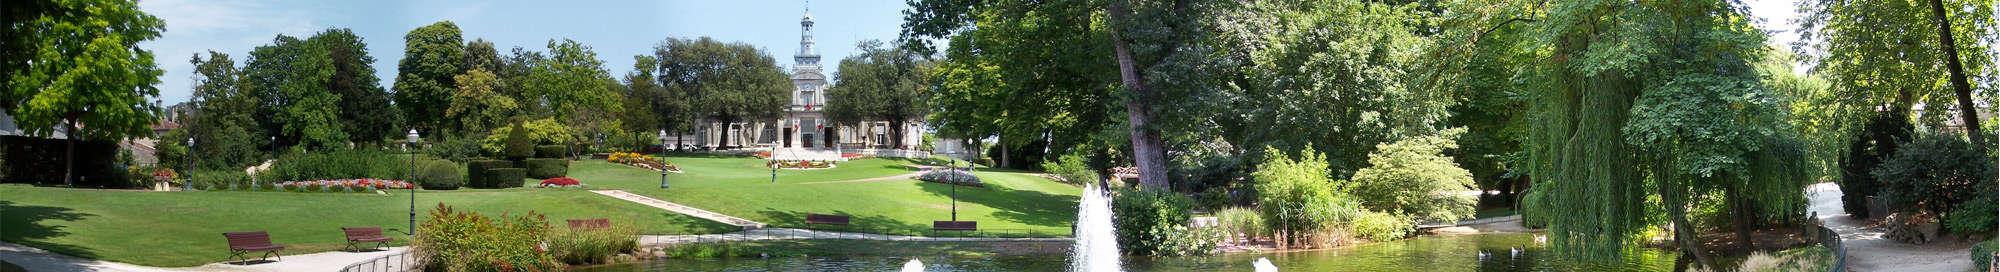 Week-end et séjour en Charente